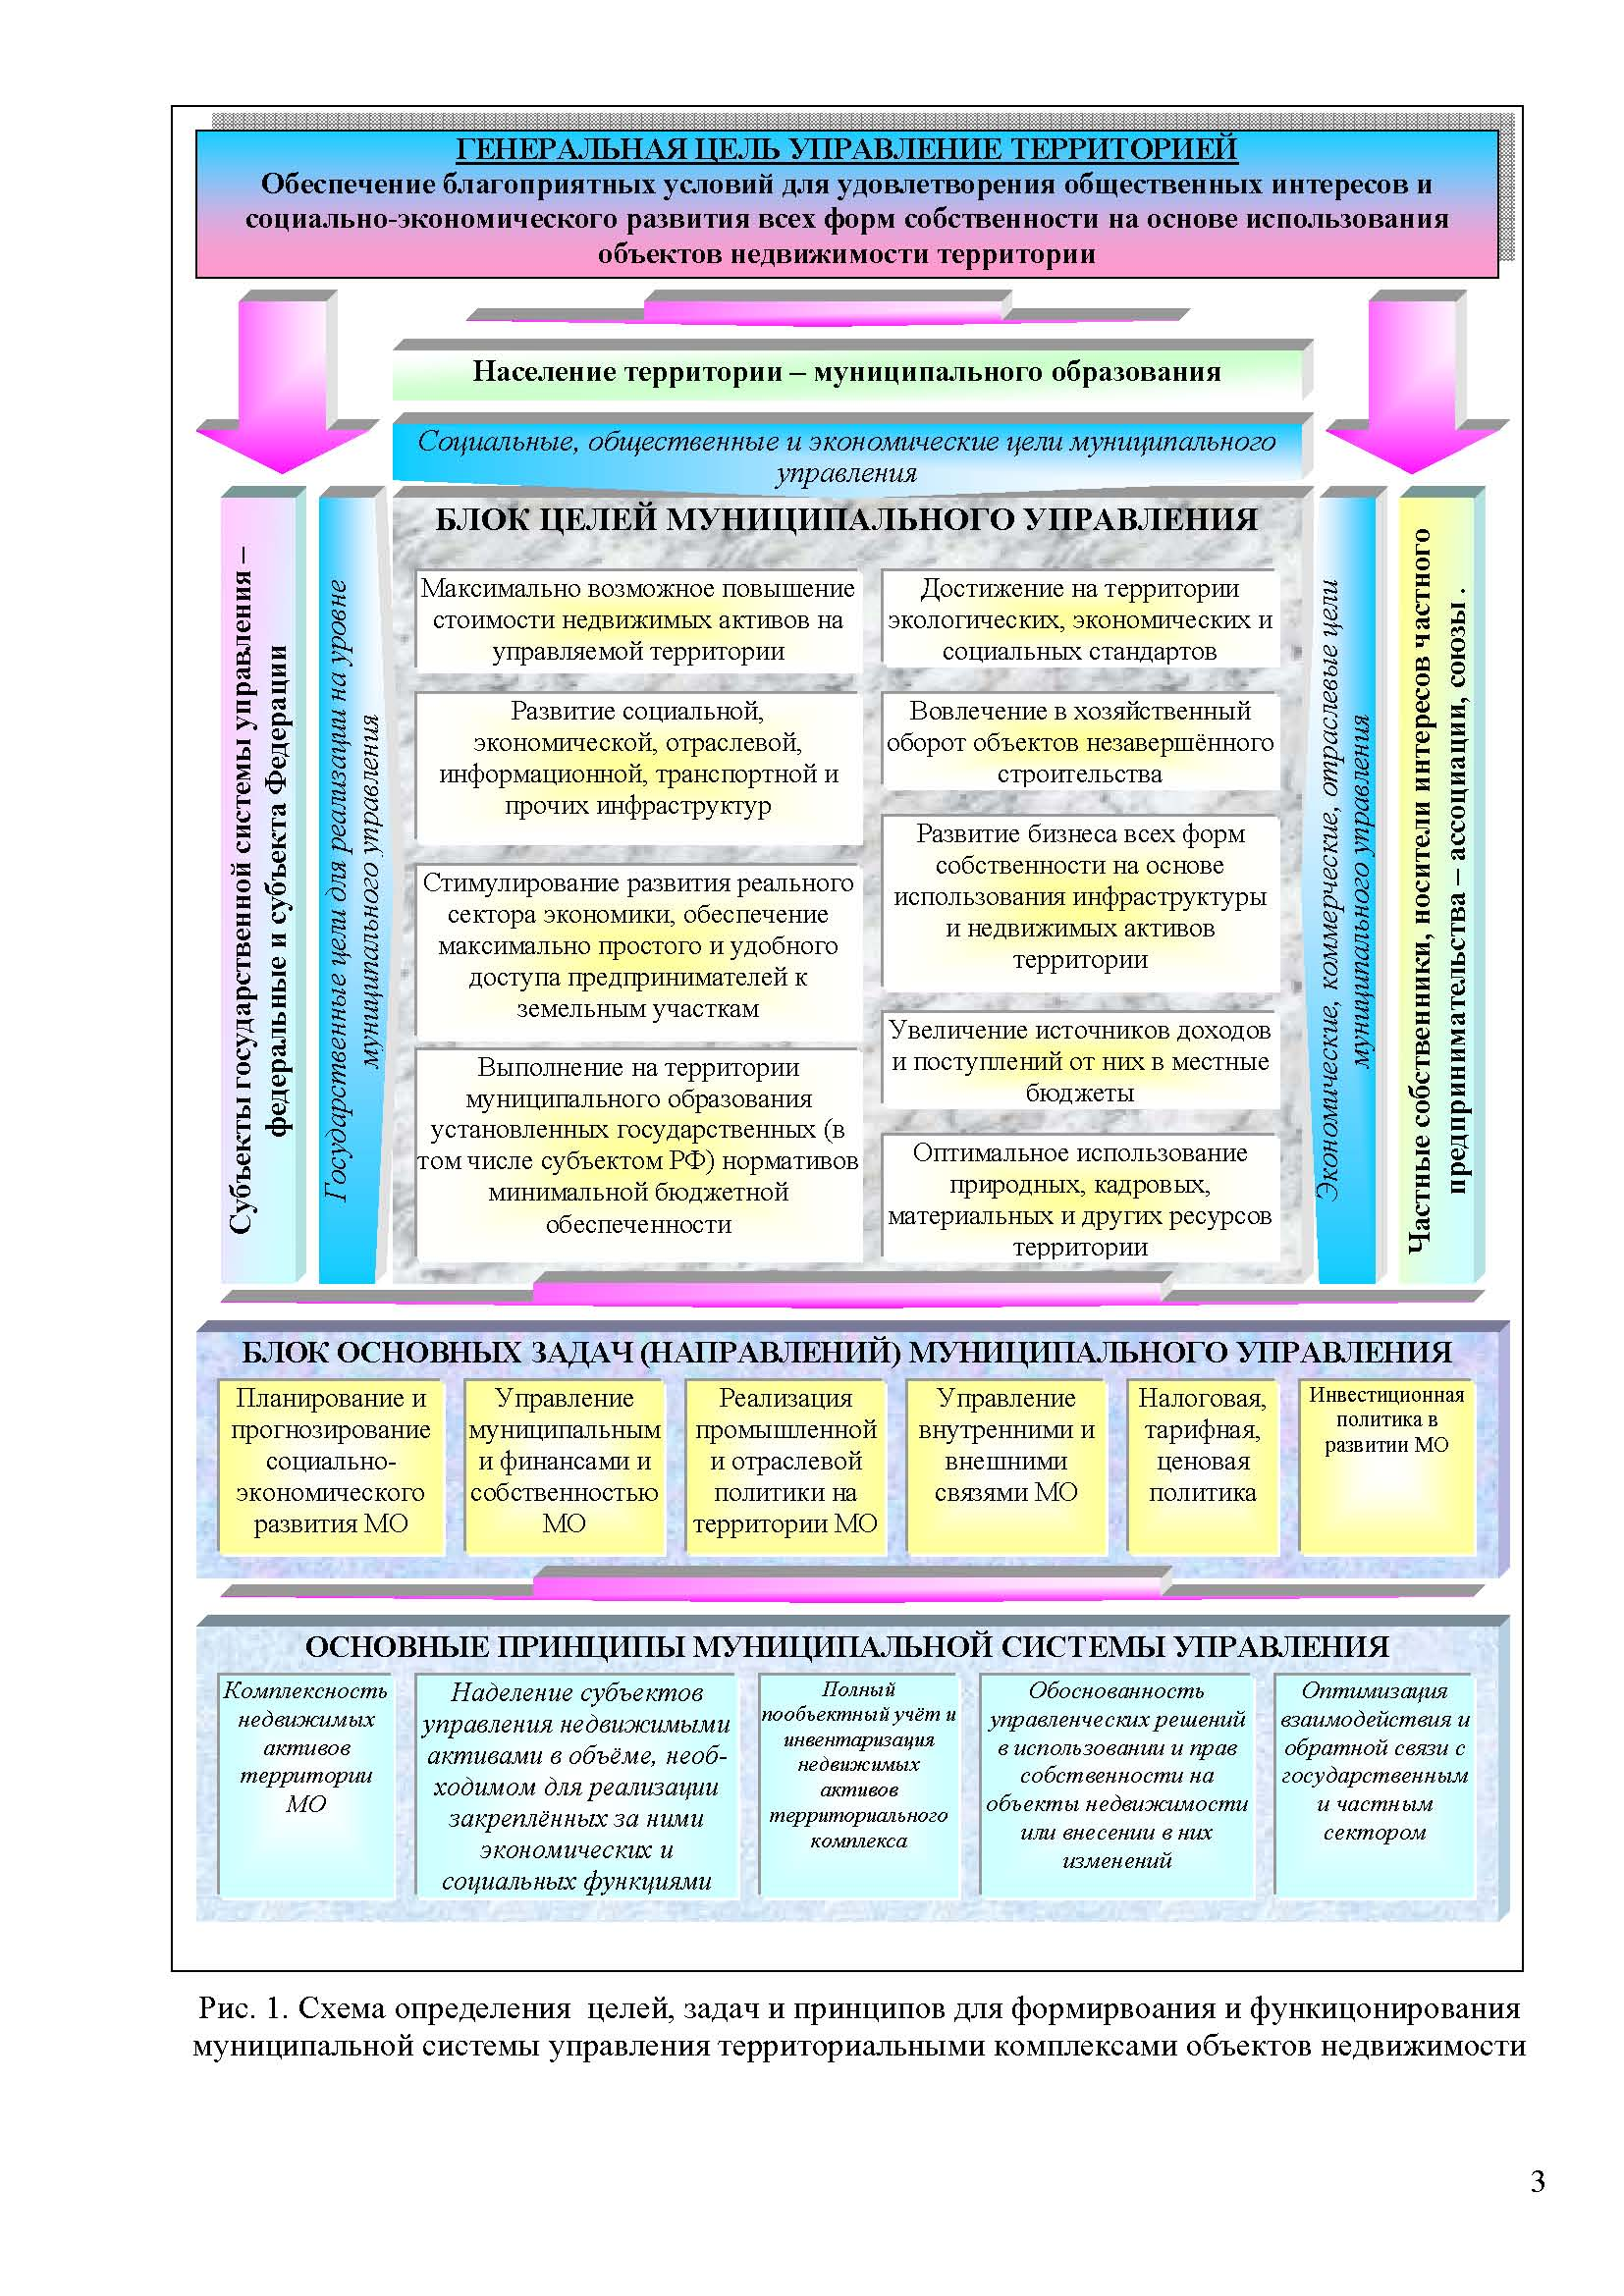 схема управления экономическим объектом